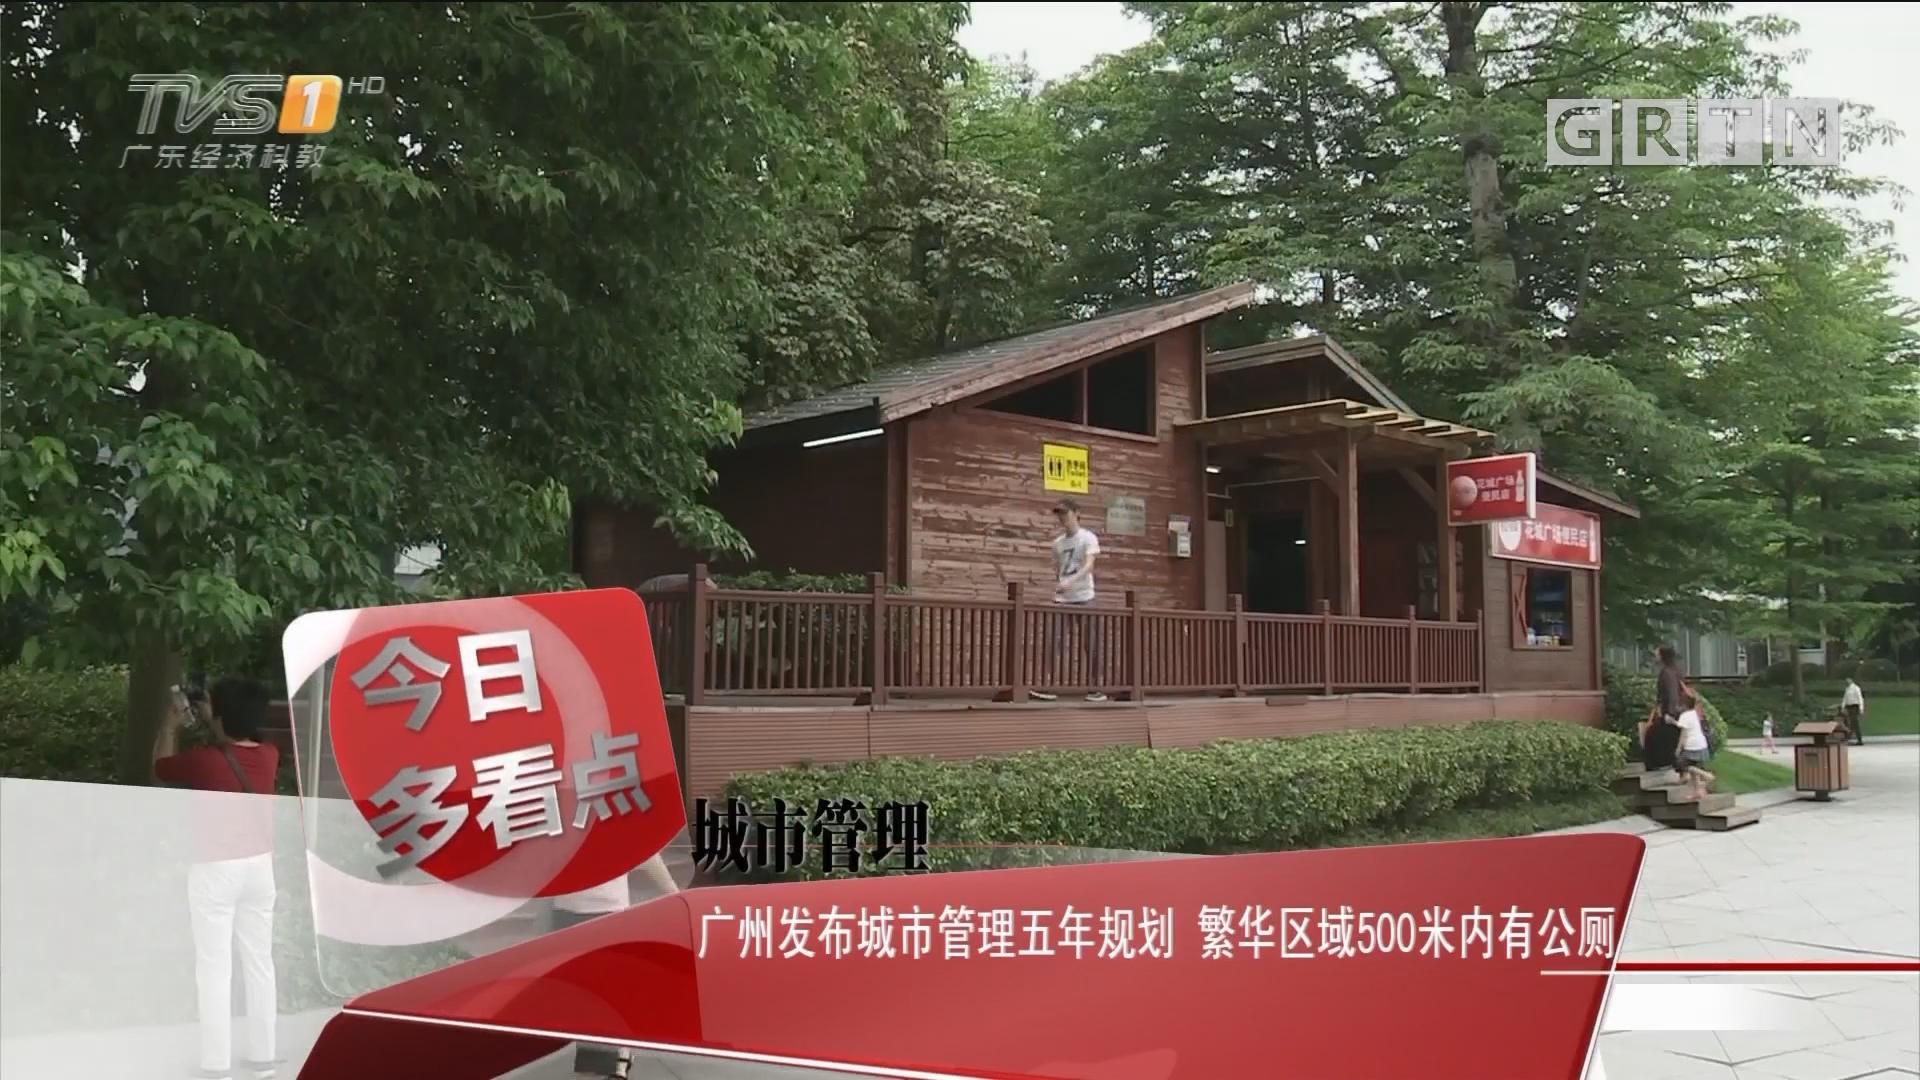 城市管理:广州发布城市管理五年规划 繁华区域500米内有公厕